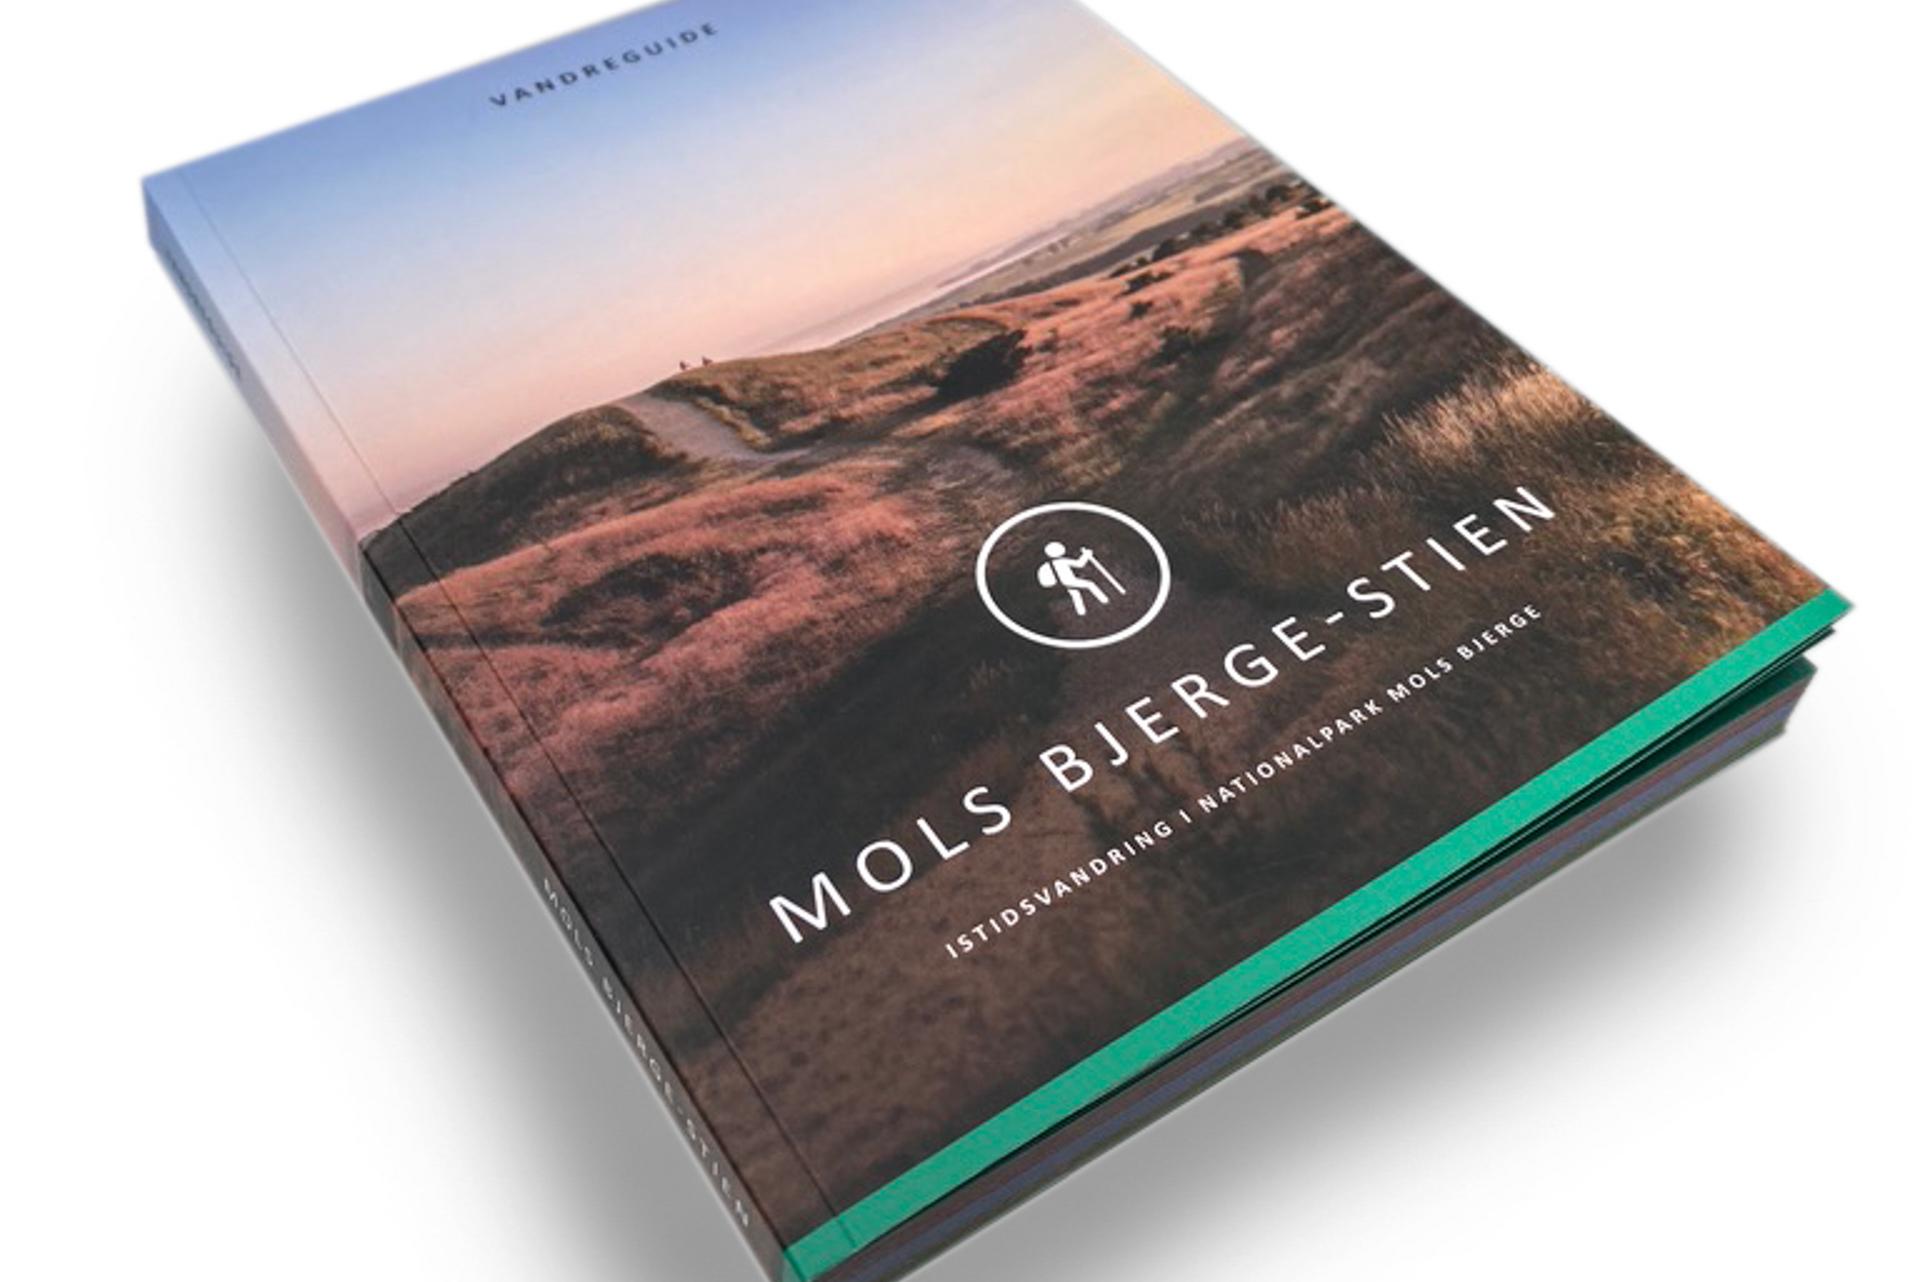 Nationalpark Mols Bjerge: Vandreguide total udsolgt på 14 dage